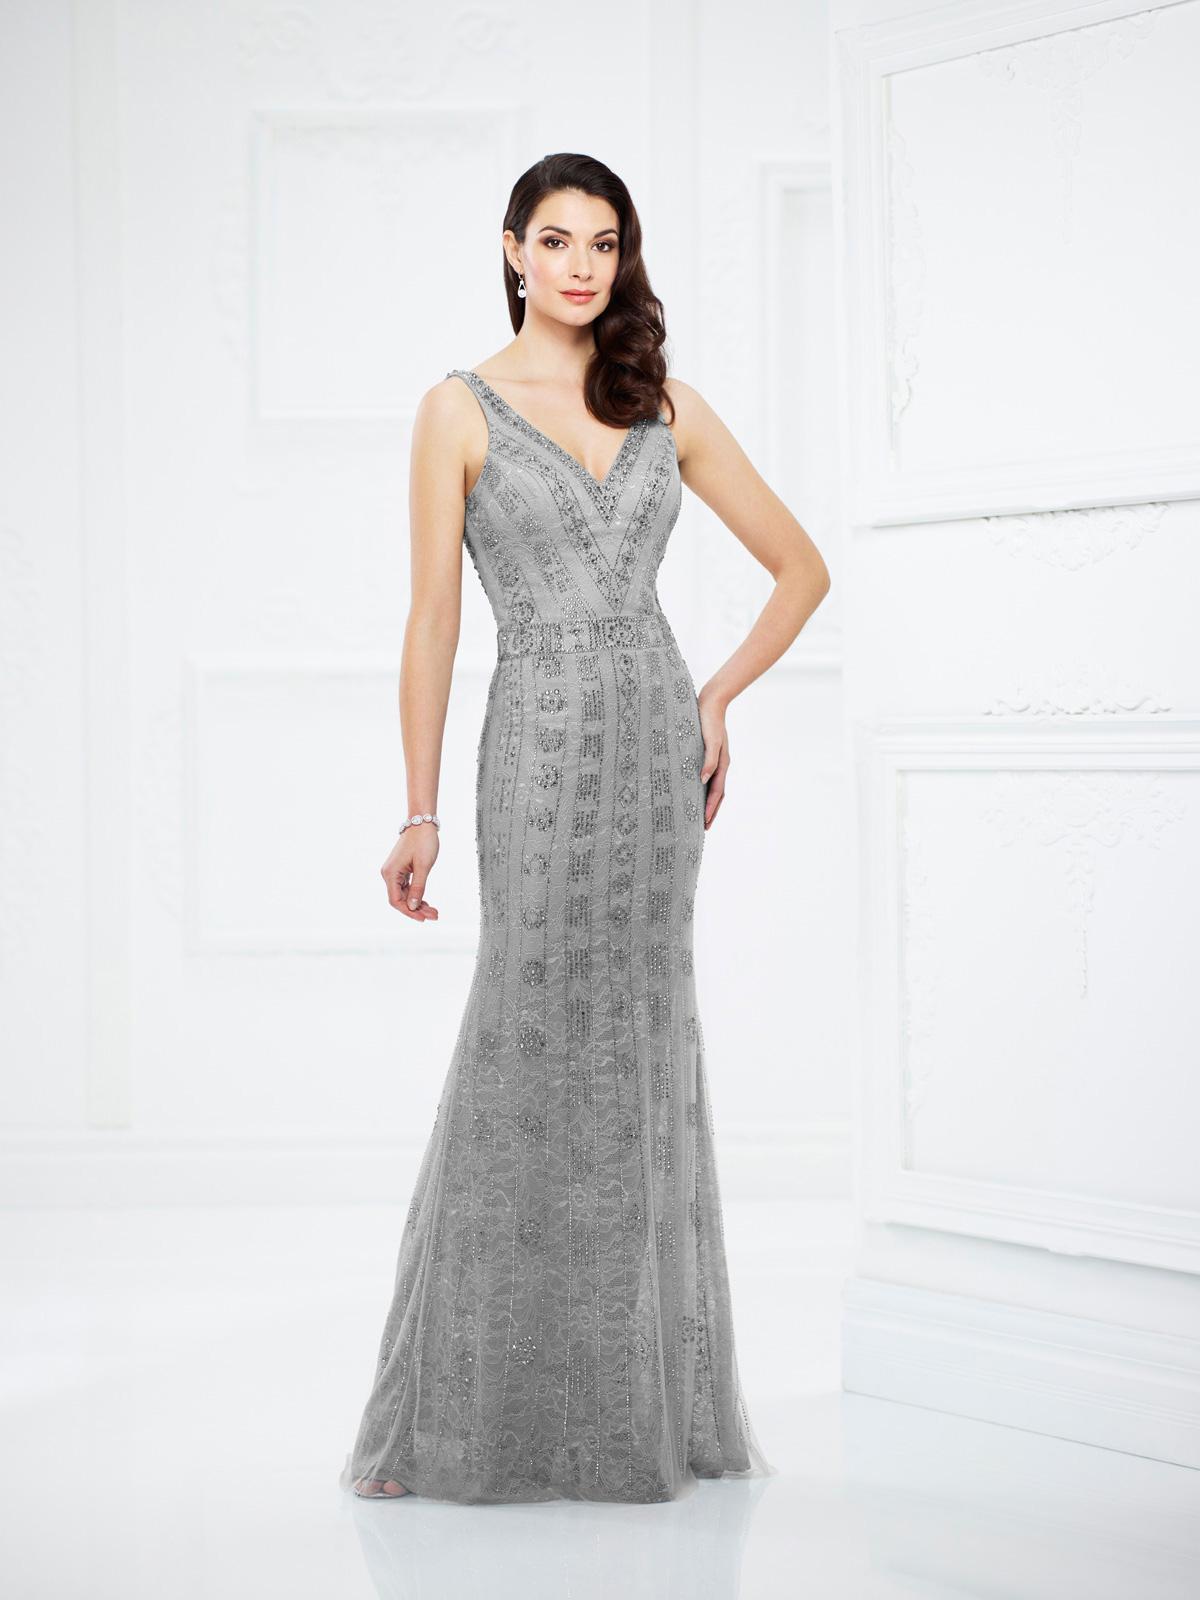 Vestido de Festa charmoso com decote V e corte reto todo confeccionado em renda e rebordado em pedrarias.